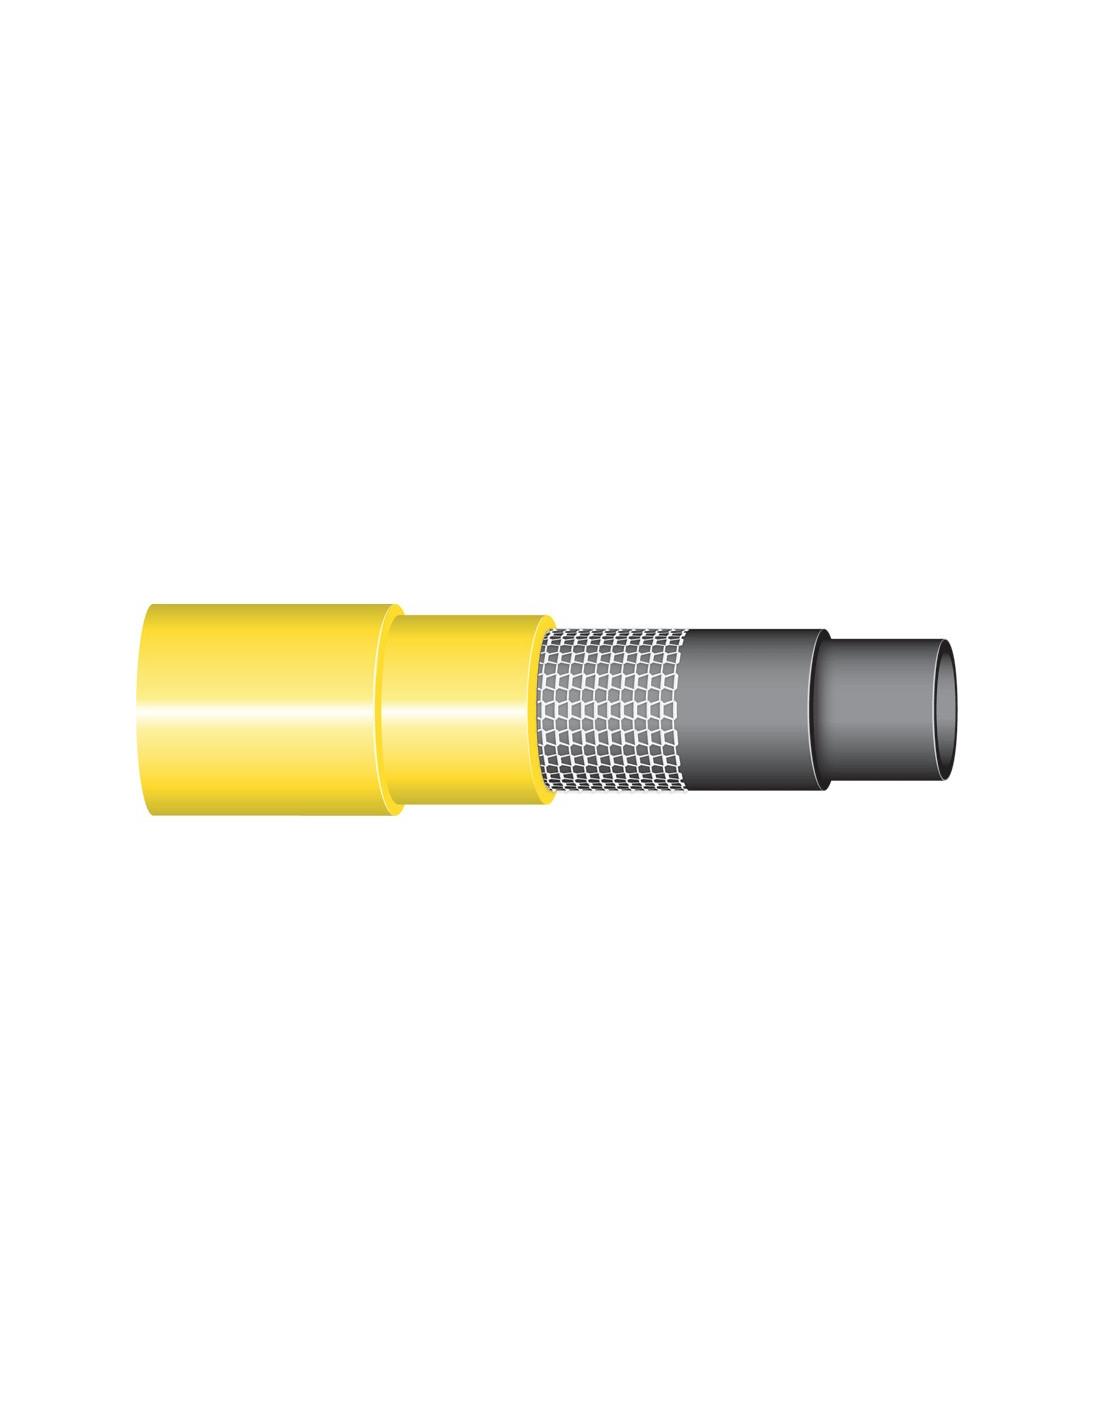 Tuyau d 39 arrosage 15 mm couronne 25 m tricoflex for Adaptateur robinet interieur tuyau arrosage